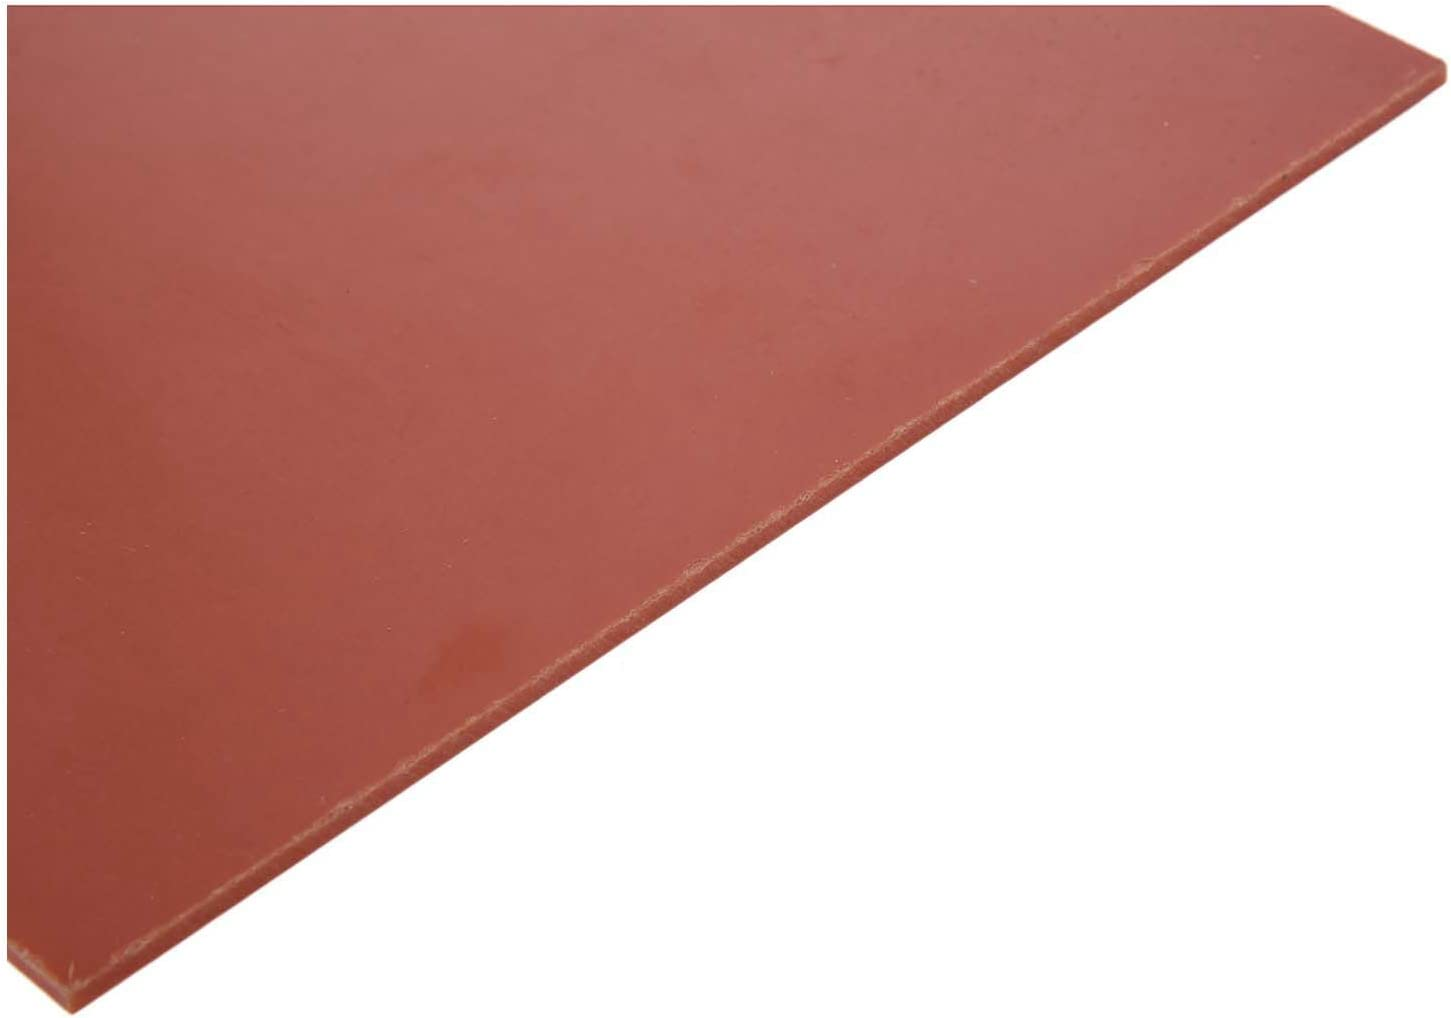 Vaorwne Feuille Plate de R/éSine Ph/éNolique de Bak/éLite 3Mm X 200Mm X 200Mm pour PCB M/éCanique